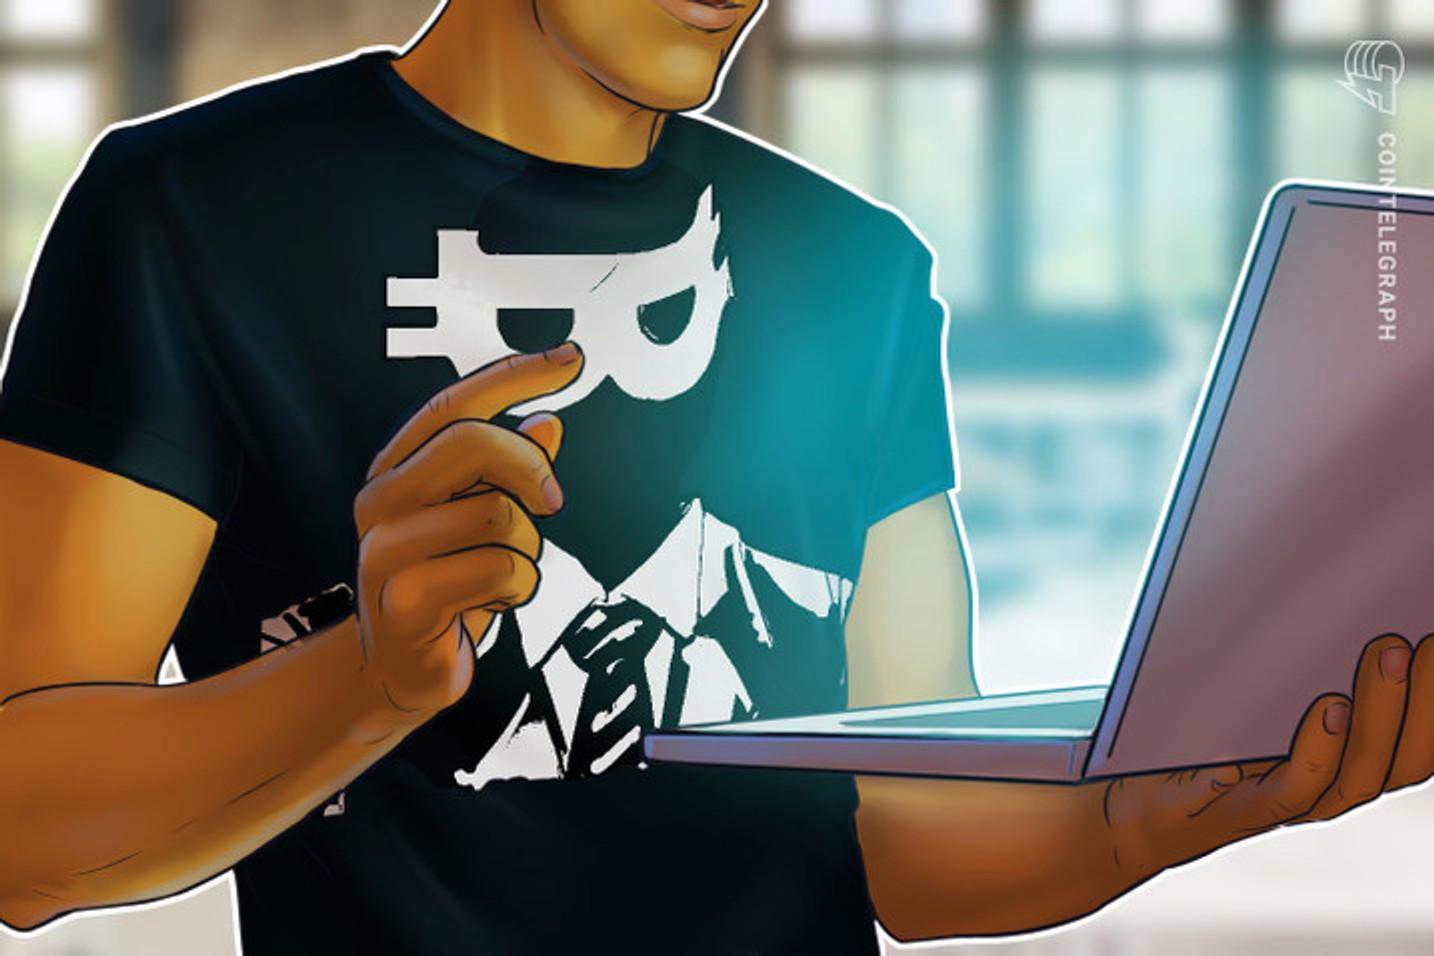 Windows ejecutará aplicaciones Blockchain y wallets de Bitcoin disponibles en Android